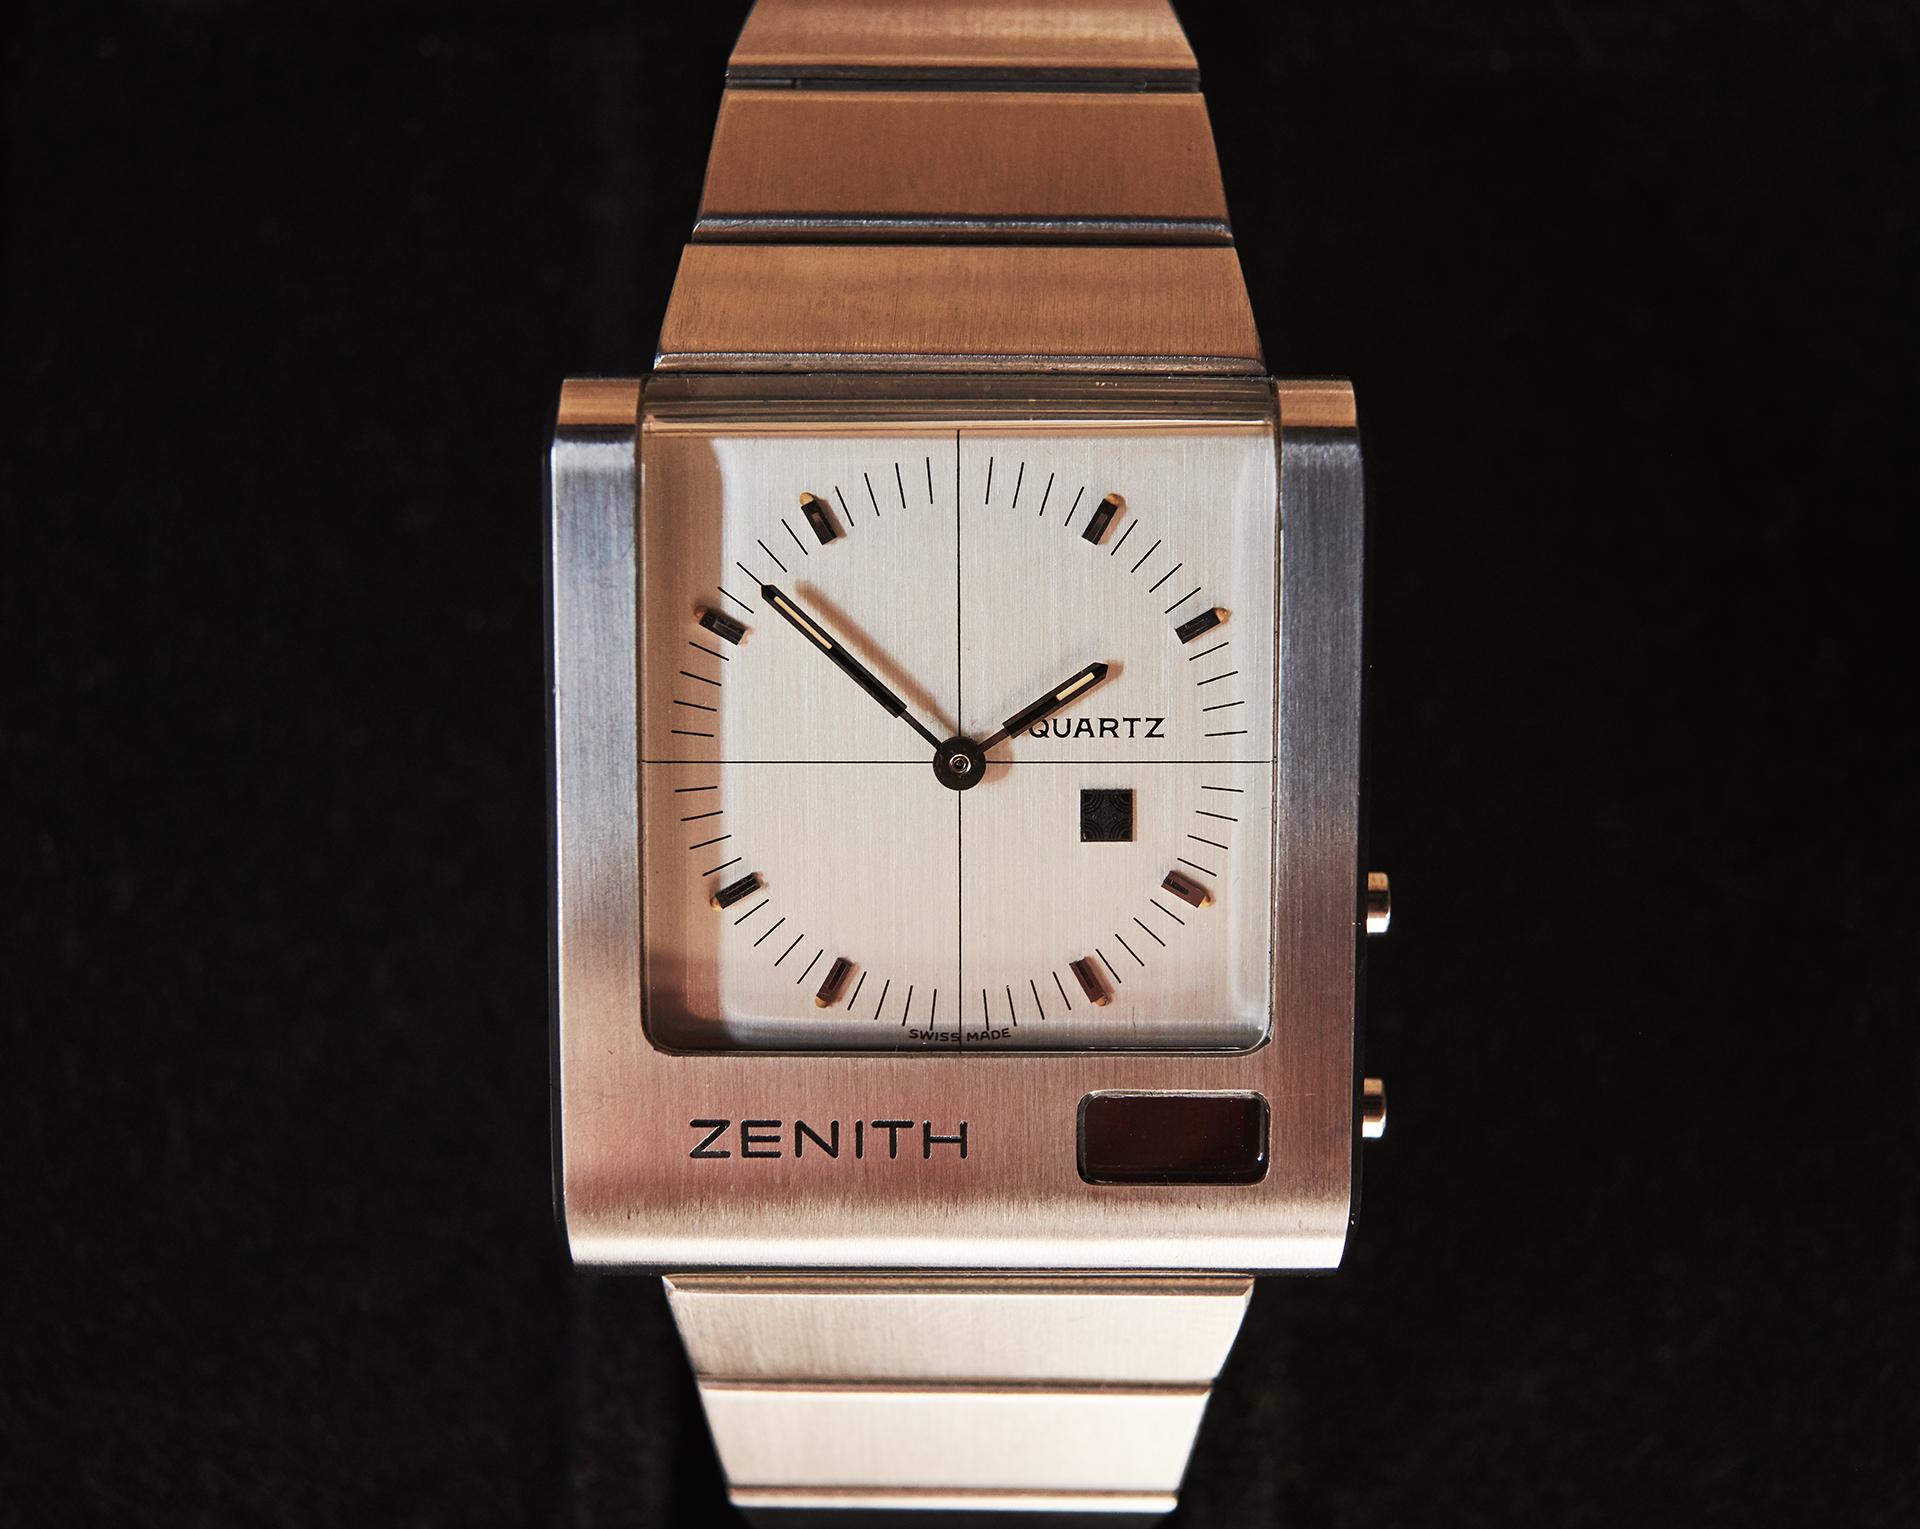 Zenith Futur Time Command 1976